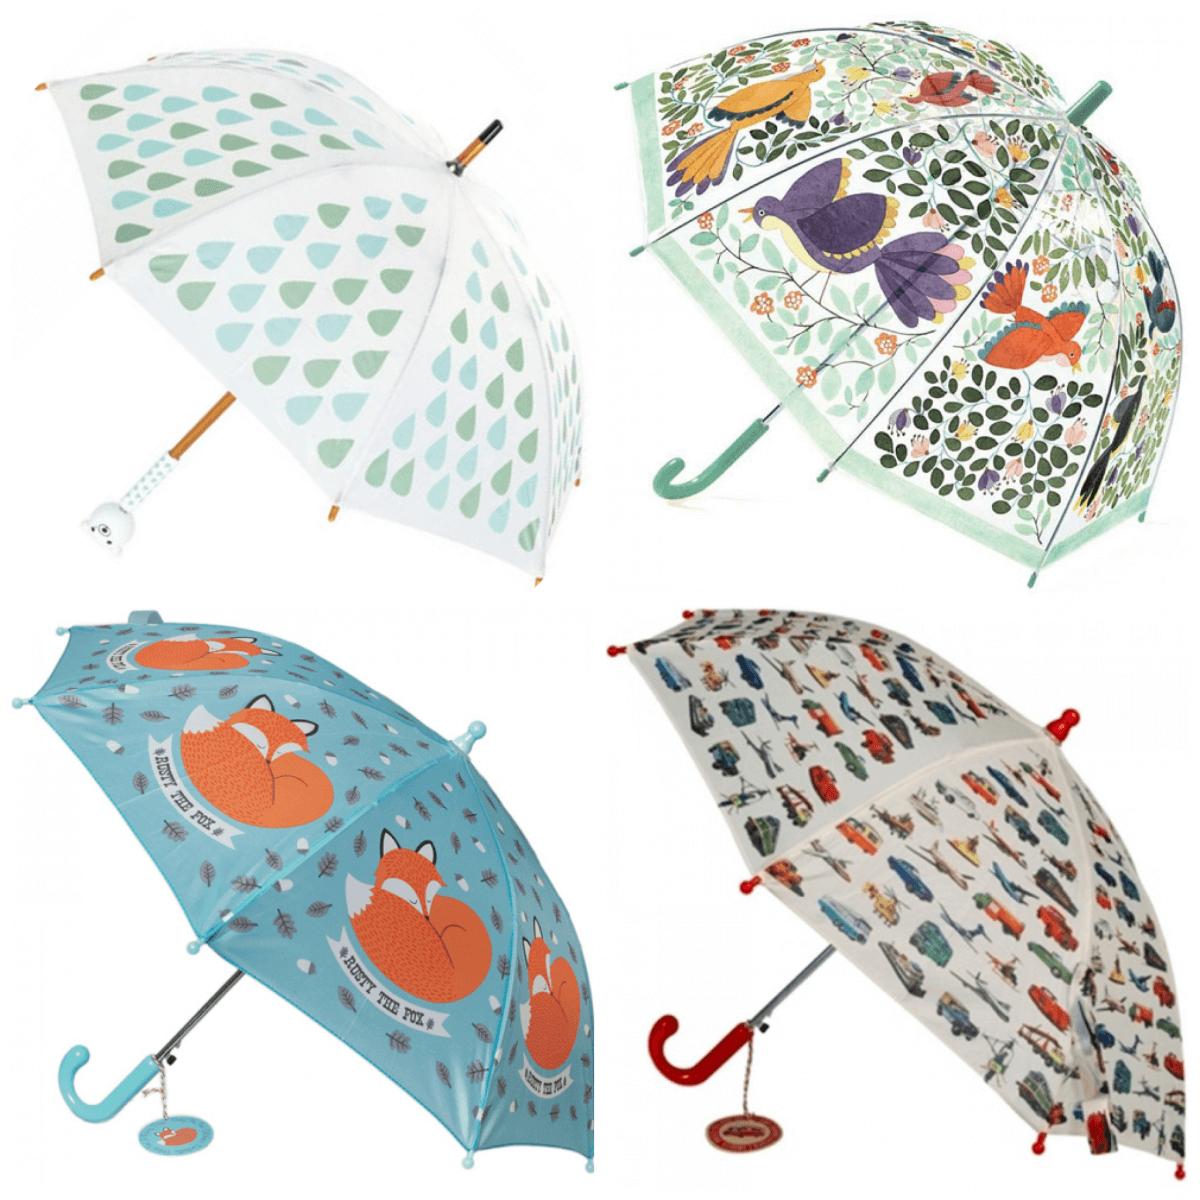 Voor jou uitgezocht: hippe regenjassen, regenbroeken, kinder paraplu en regenlaarzen #leukmetkids